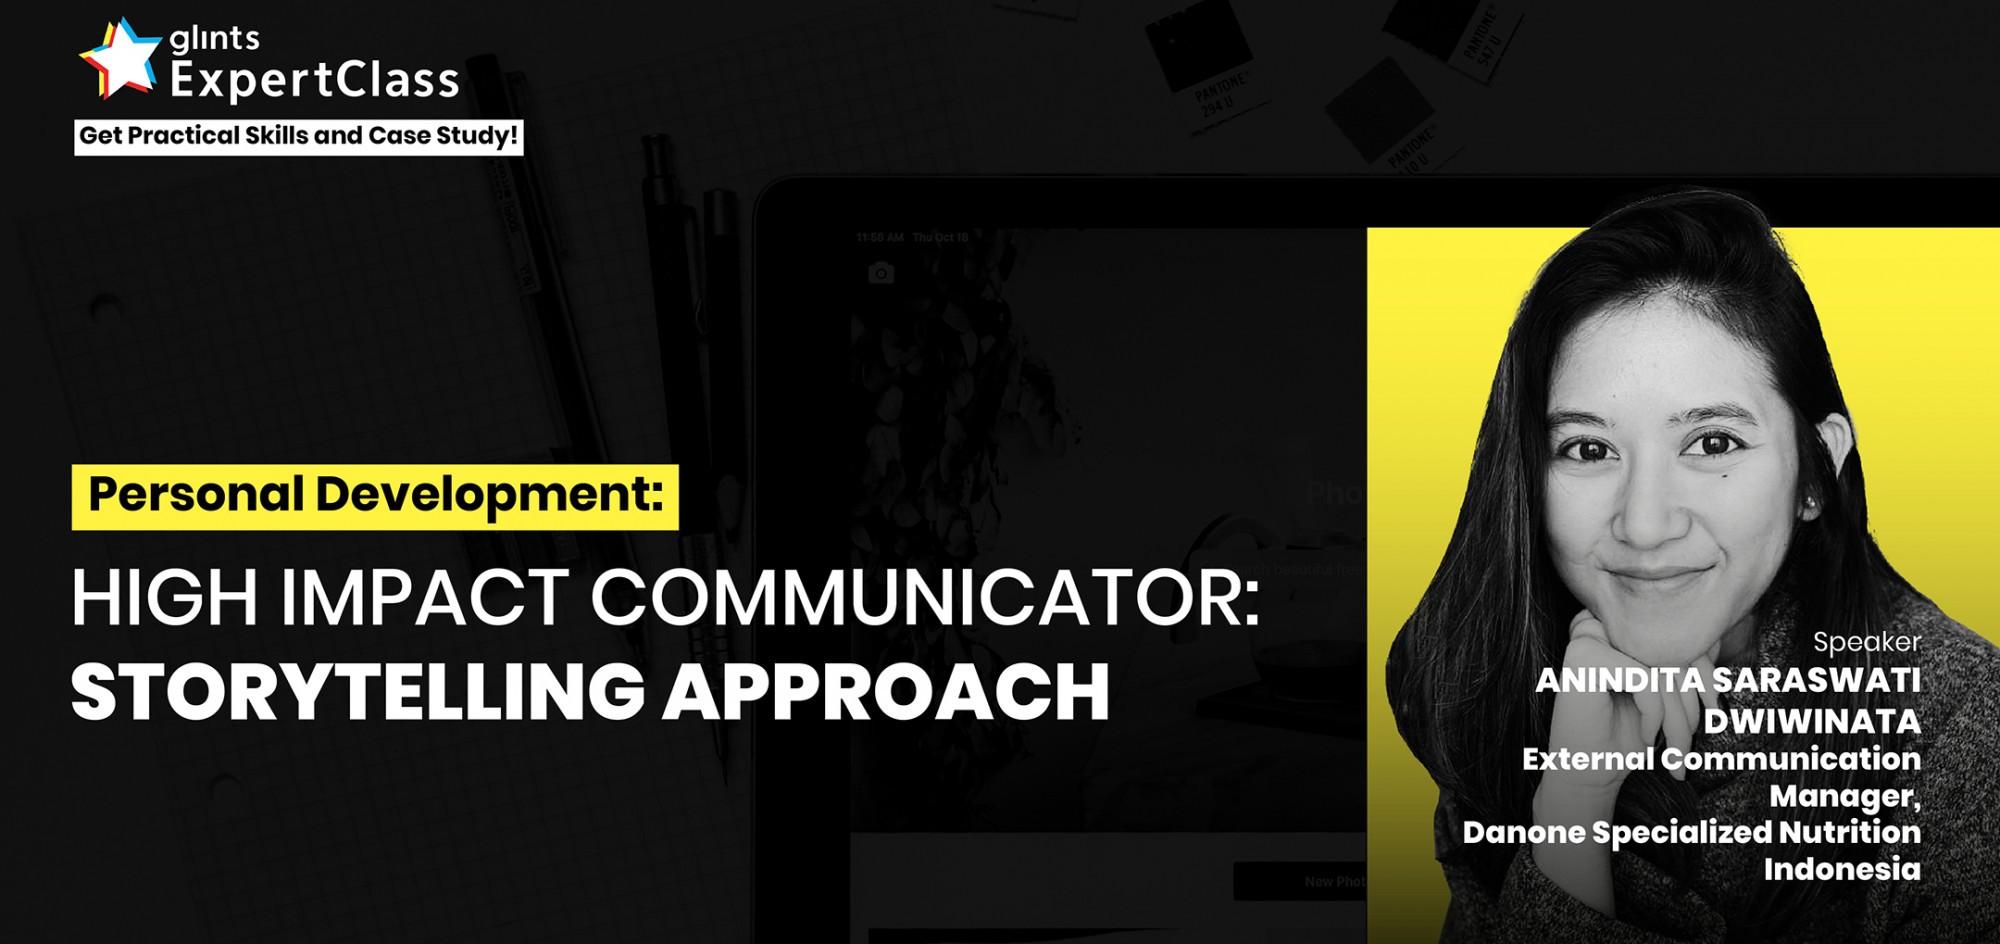 [Online Glints ExpertClass] High Impact Communicator: Storytelling Approach